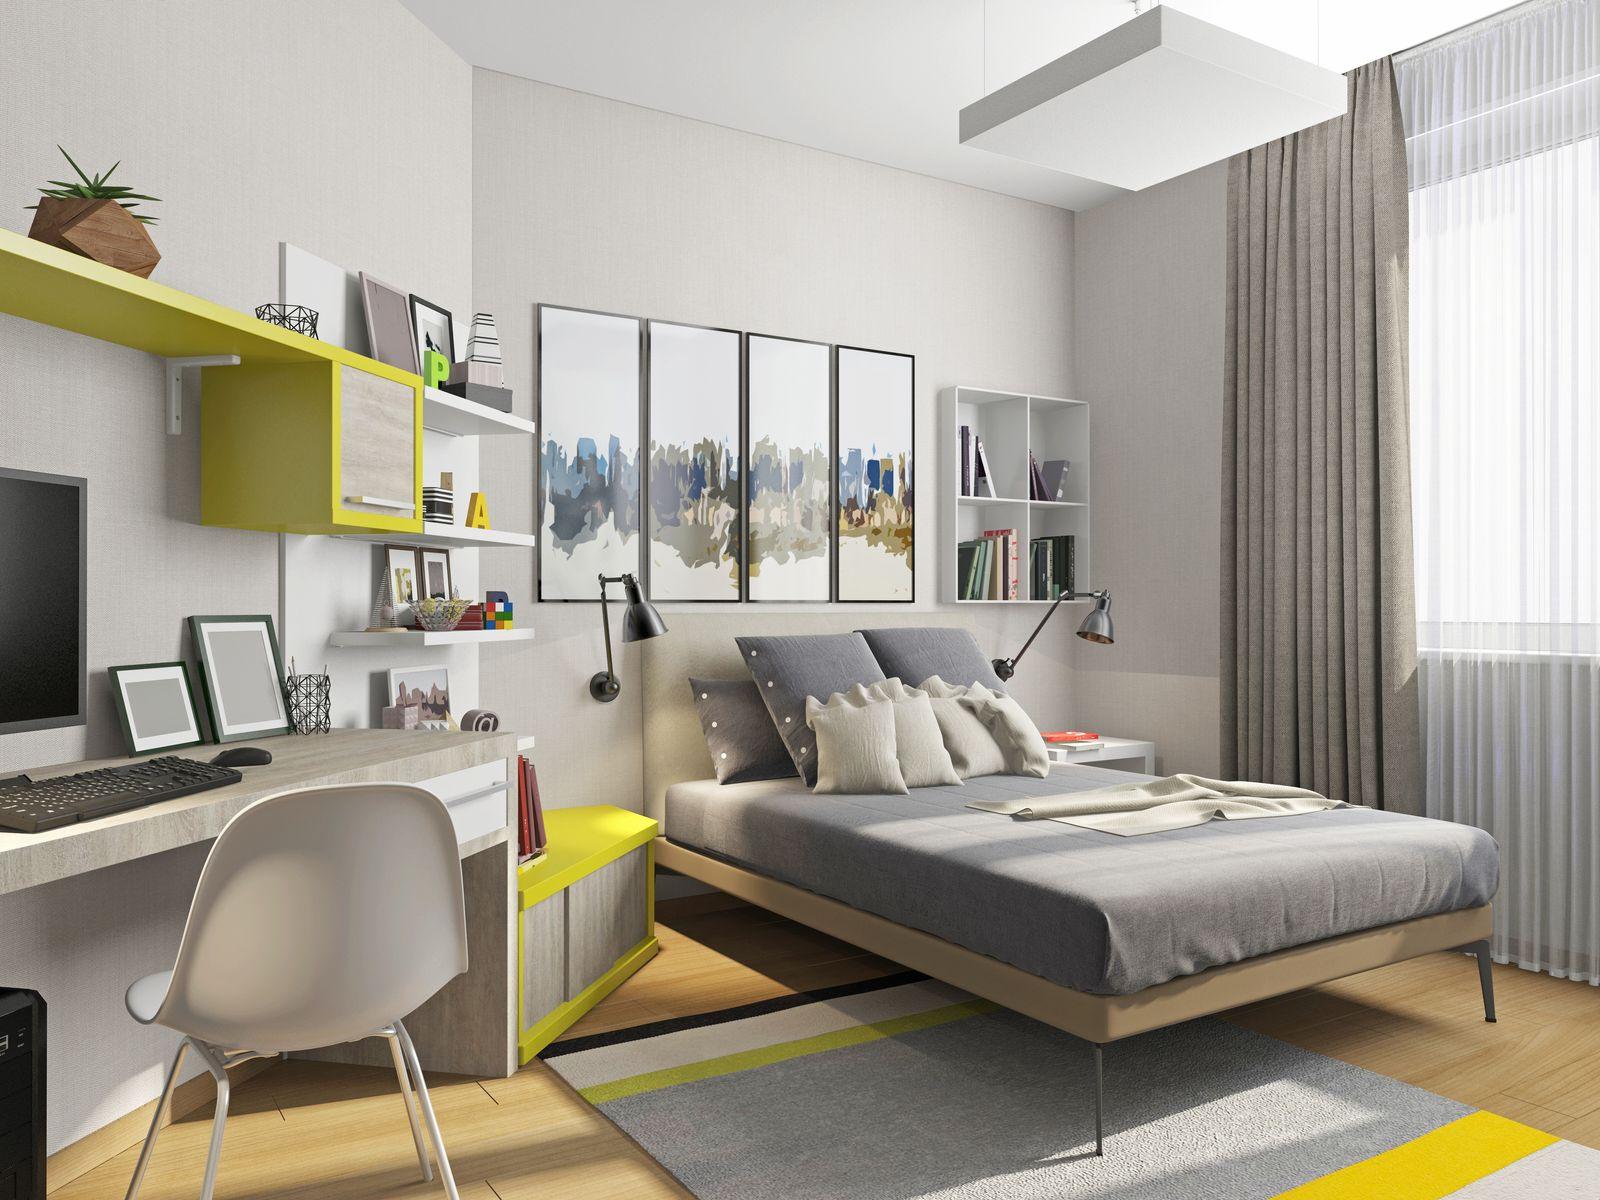 Camera da letto moderna con scrivania